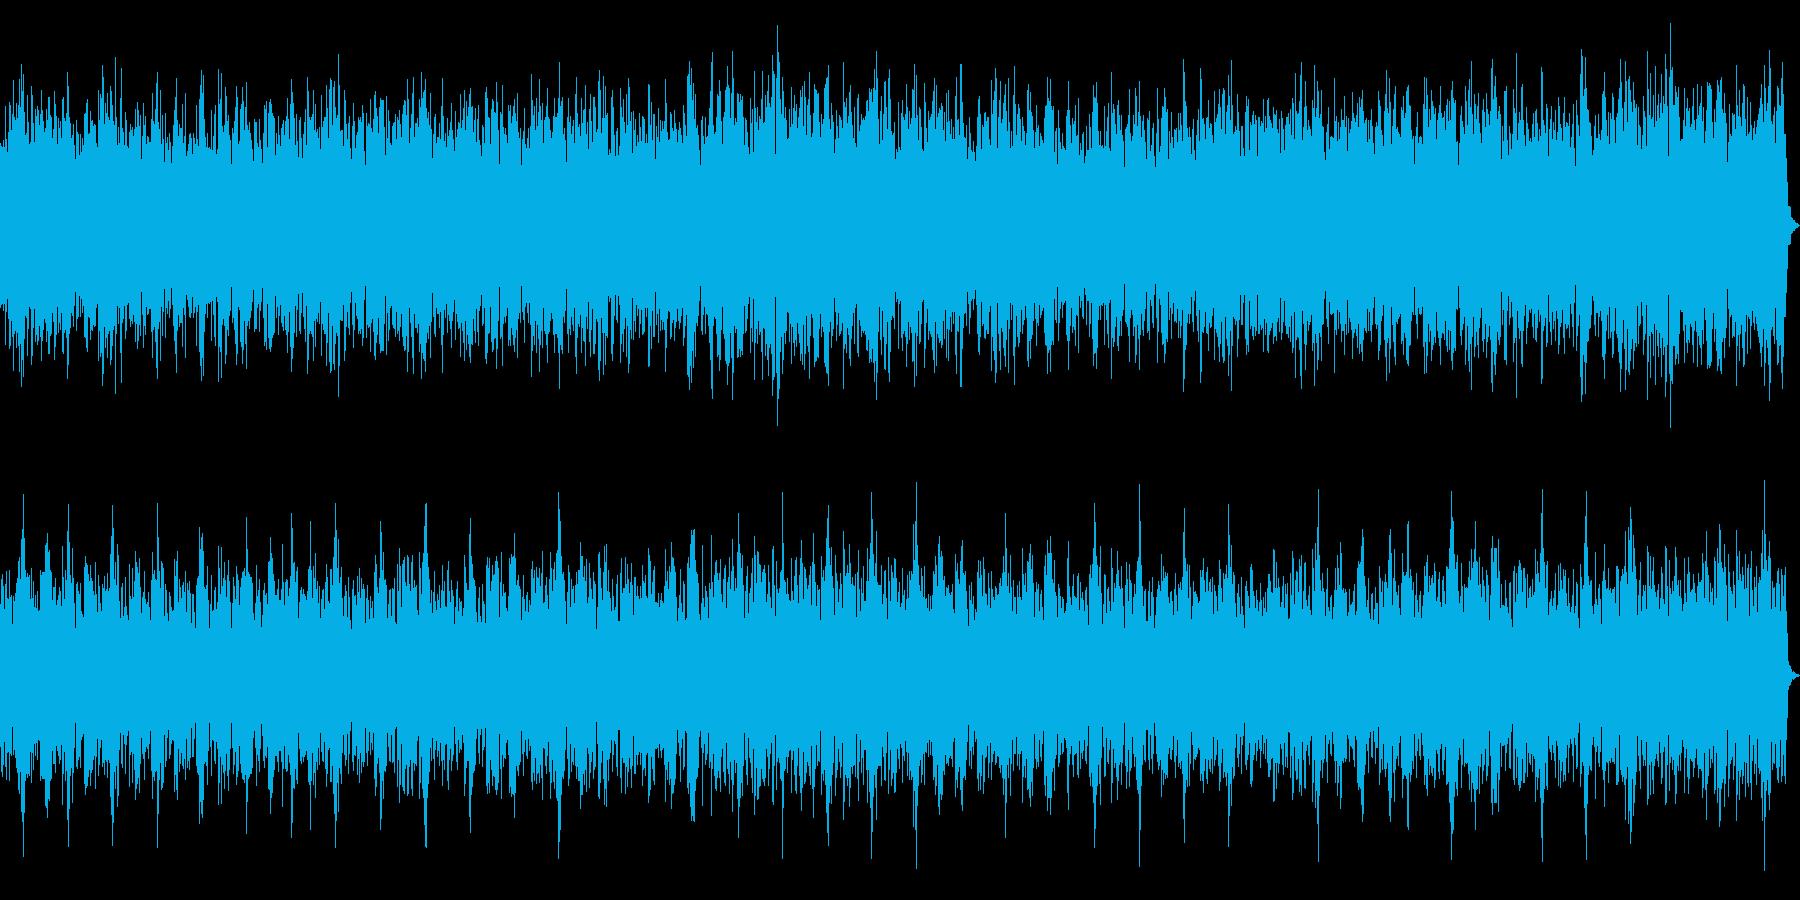 知的な解説・企業VP向けミニマル弦楽合奏の再生済みの波形